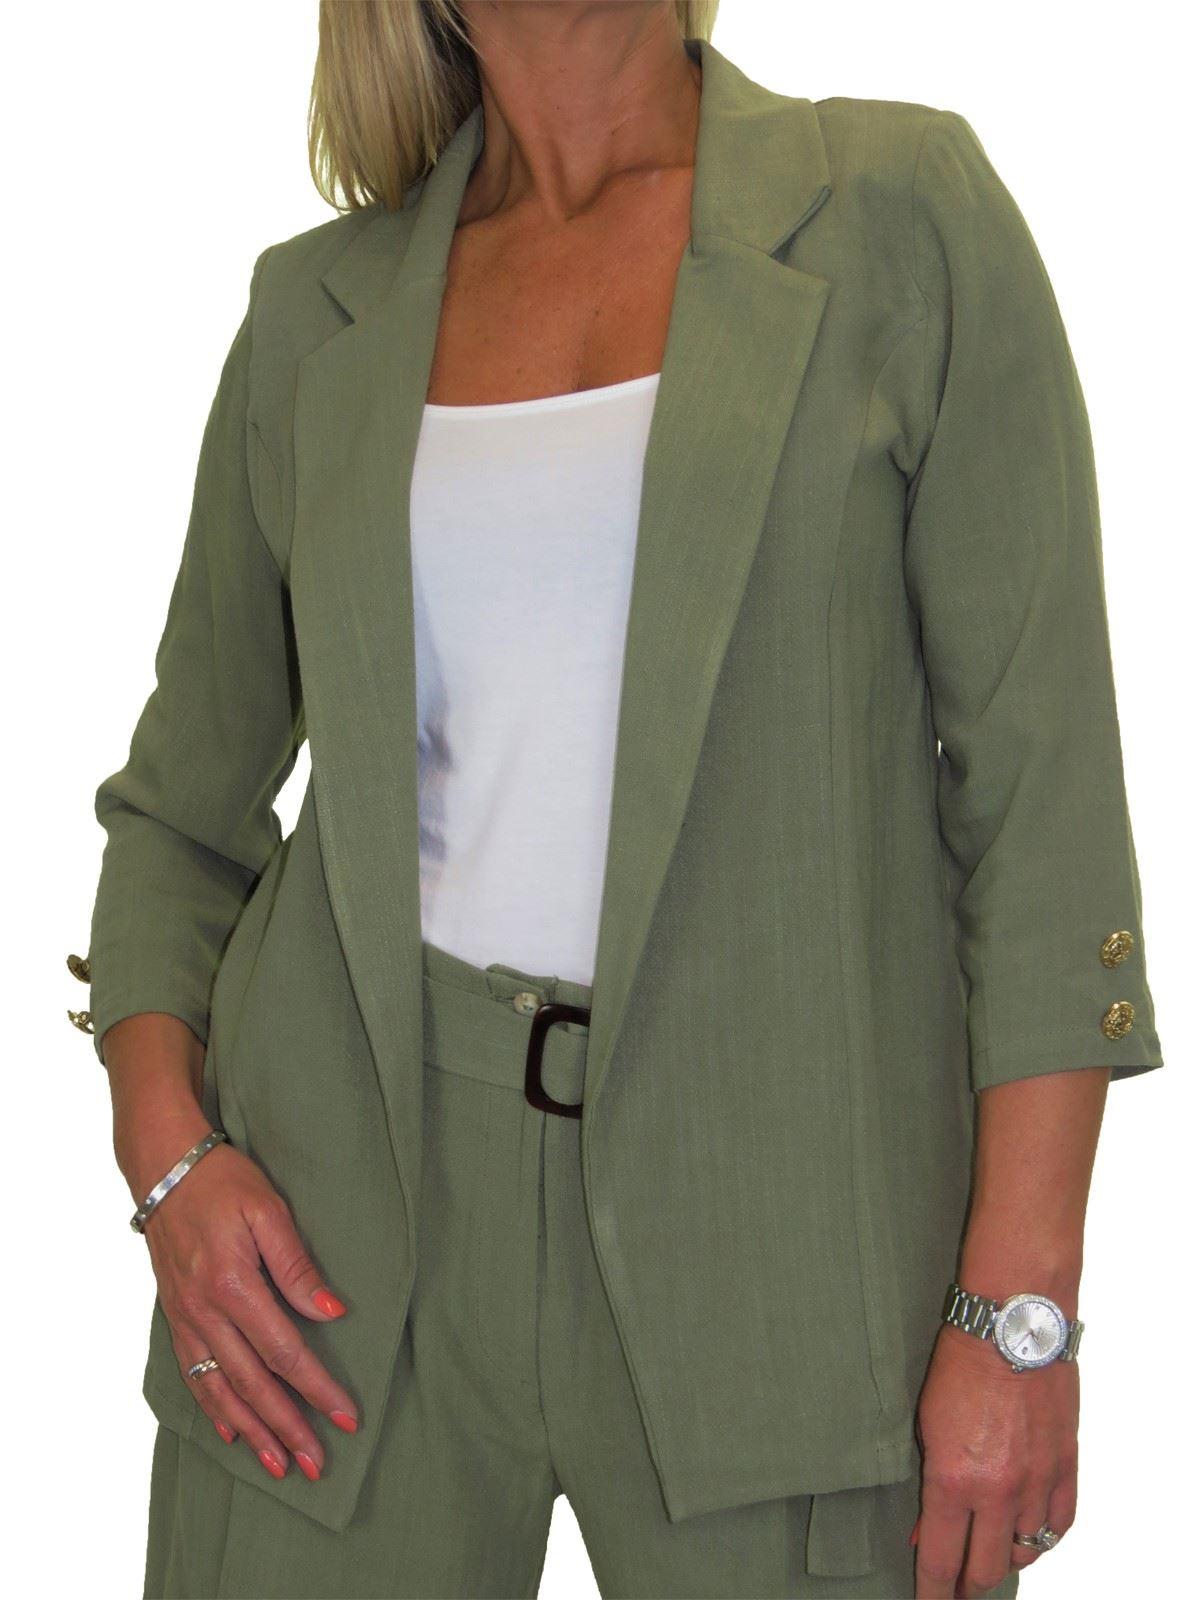 Womens Summer Lightweight Soft Linen Jacket Open Front 10-22